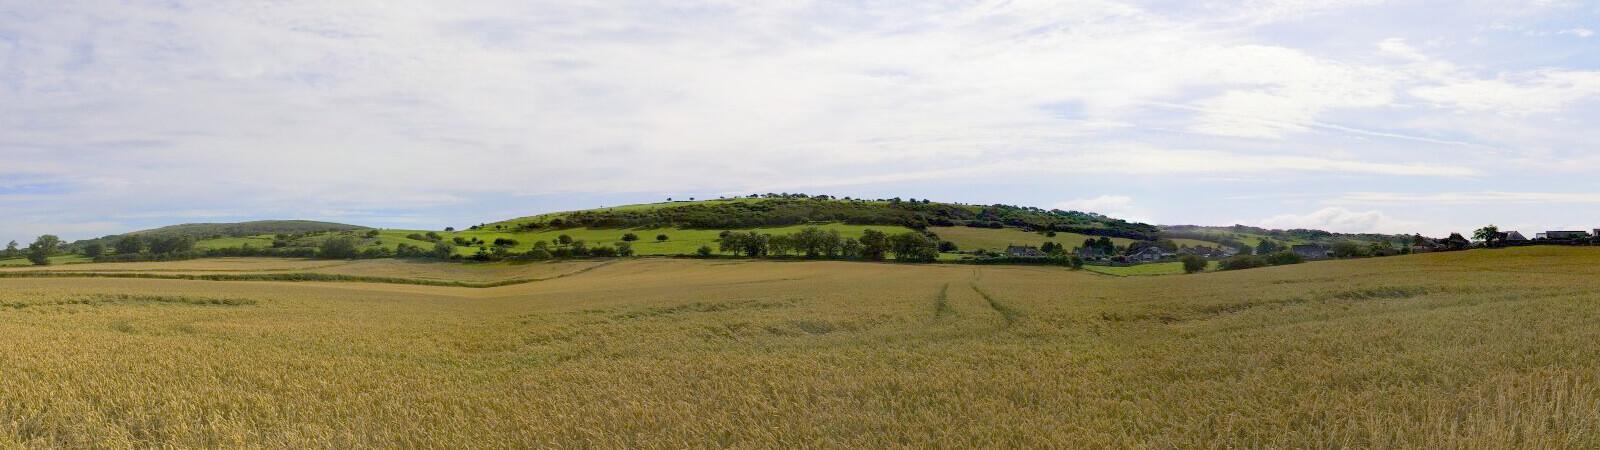 Allithwaite, Cumbria